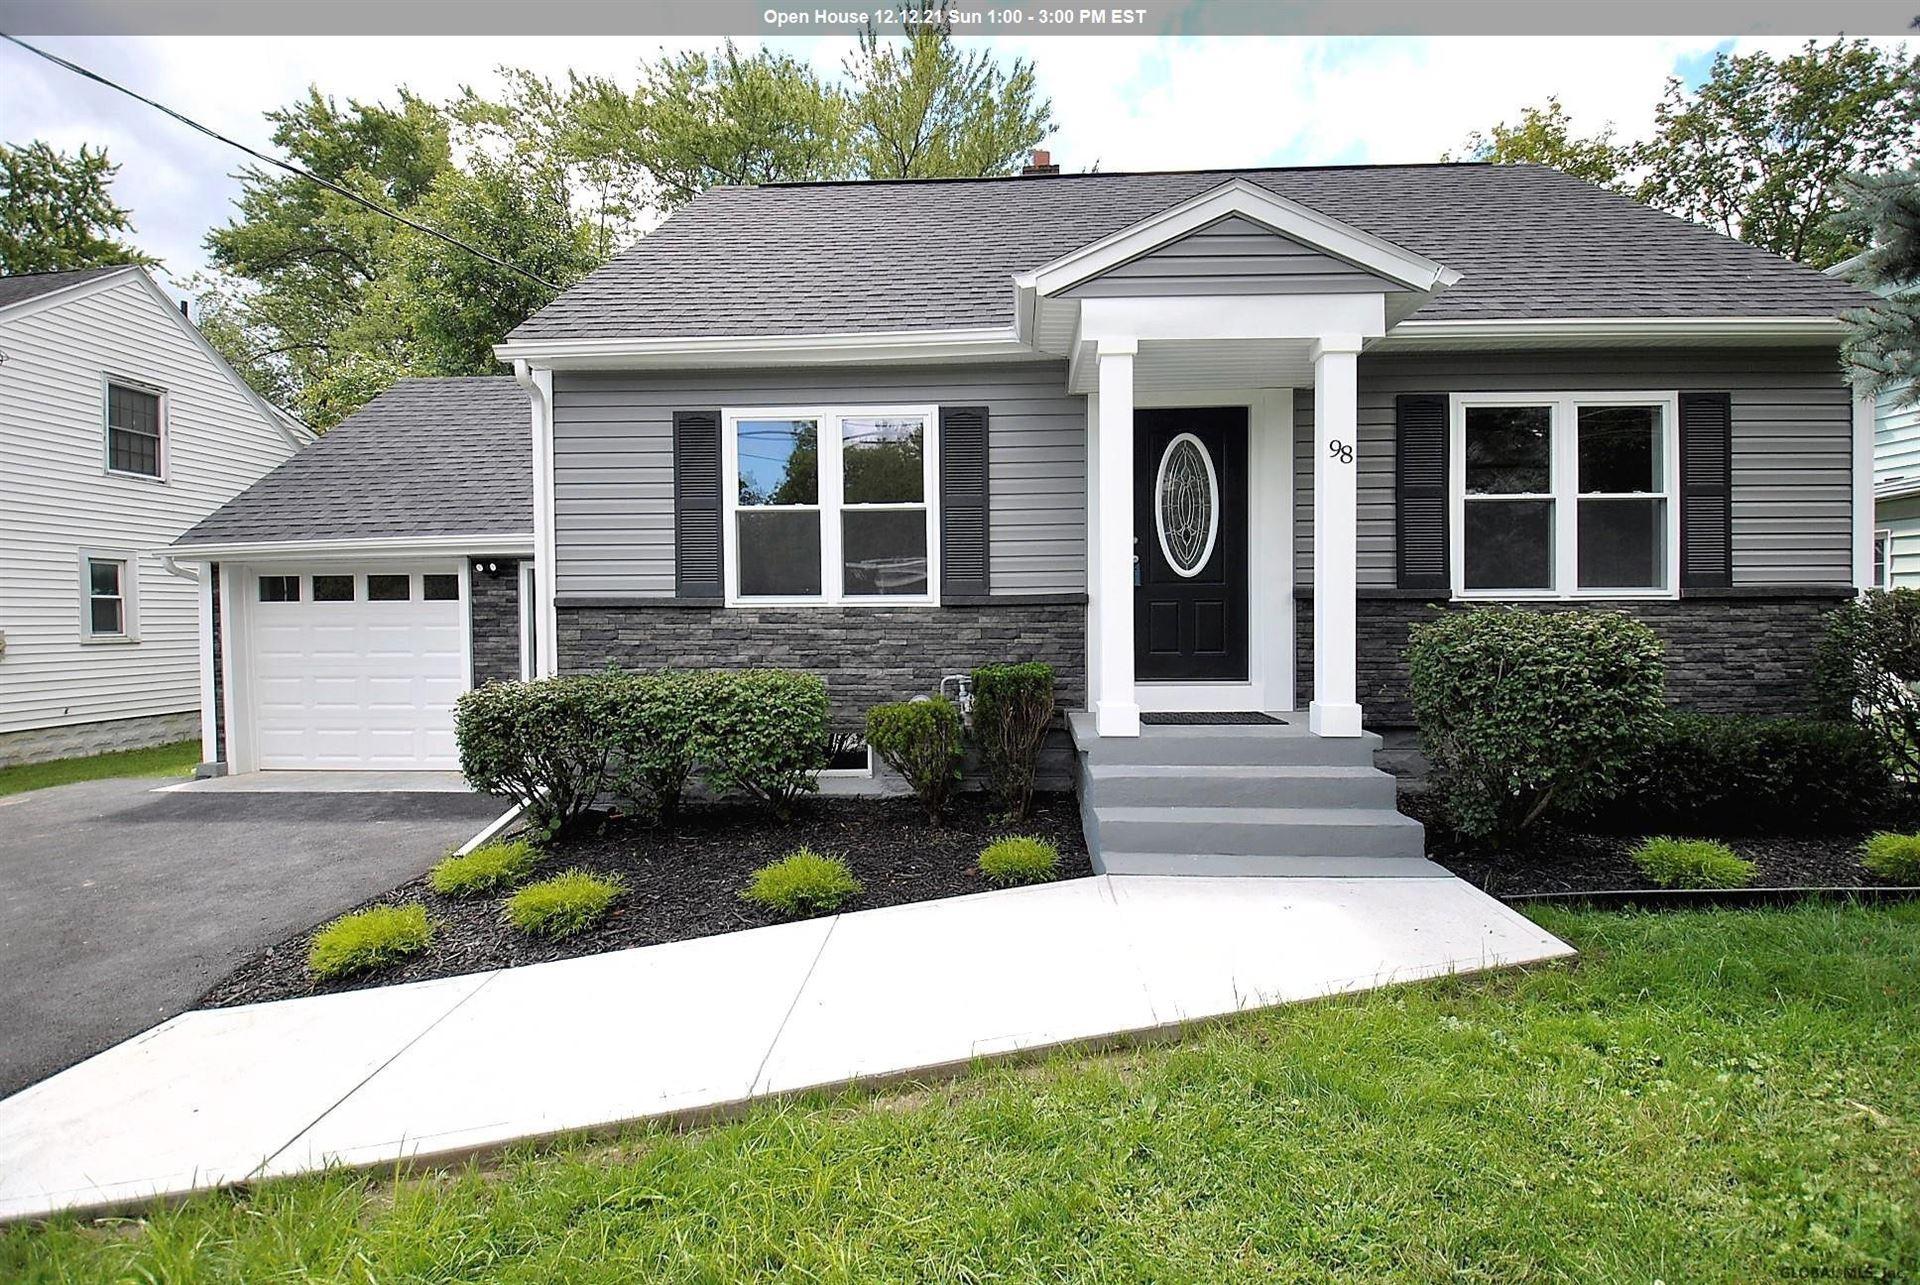 98 NEW SHAKER RD, Colonie, NY 12205 - #: 202127892